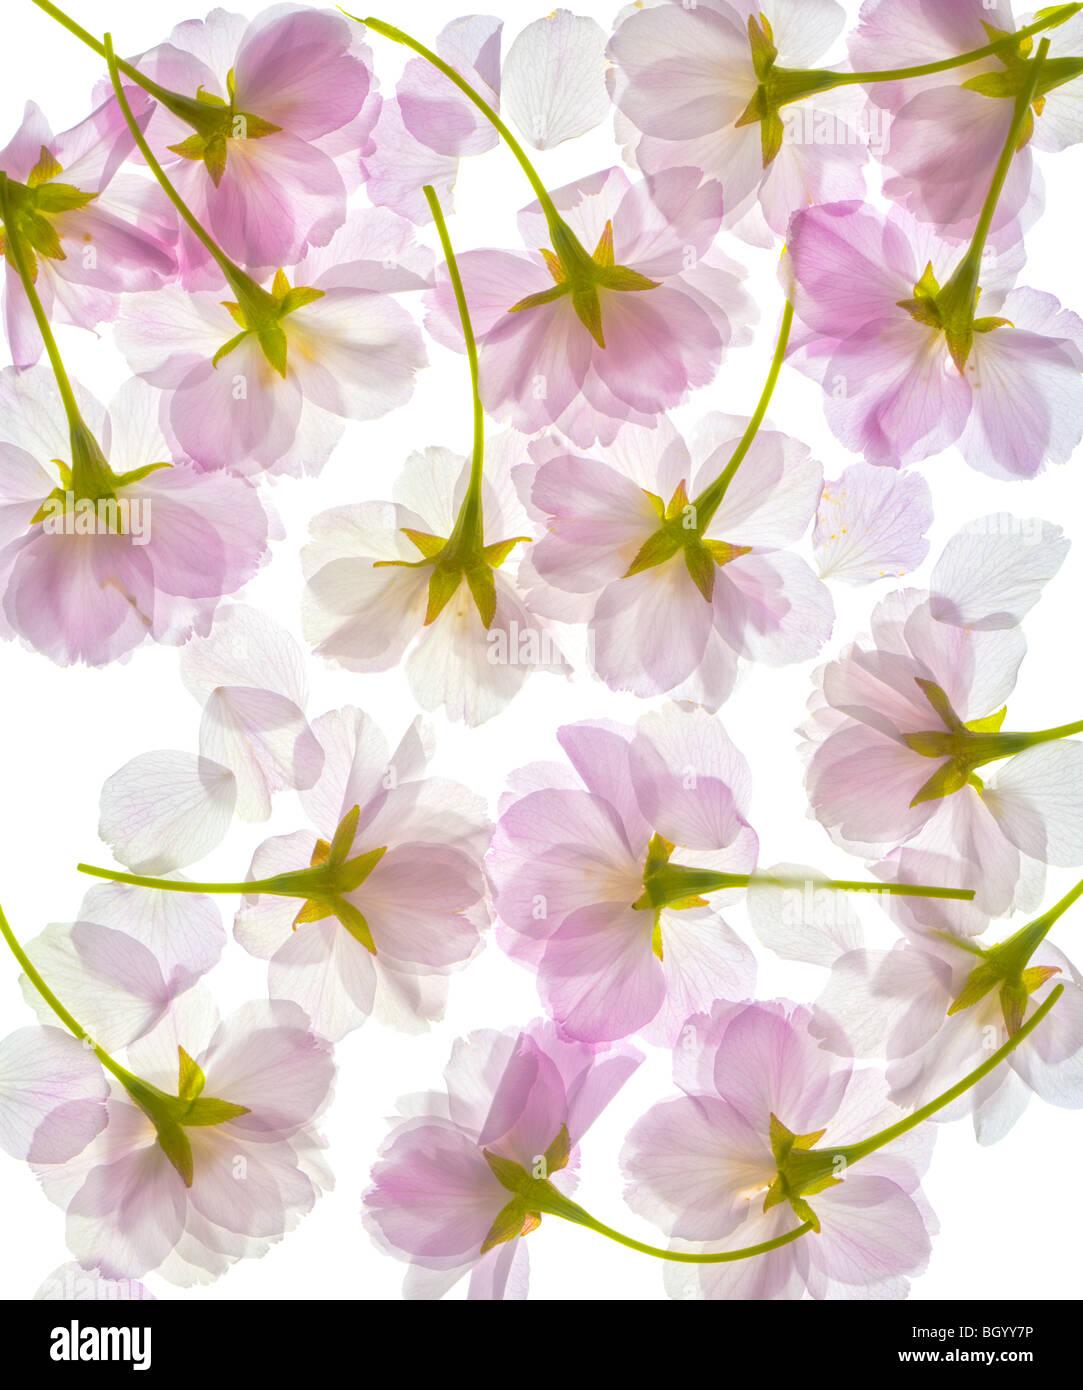 Vollständig lichtdurchlässige Kirschblüte, Blüten, Blütenblätter von Blumen. Muster Stockbild